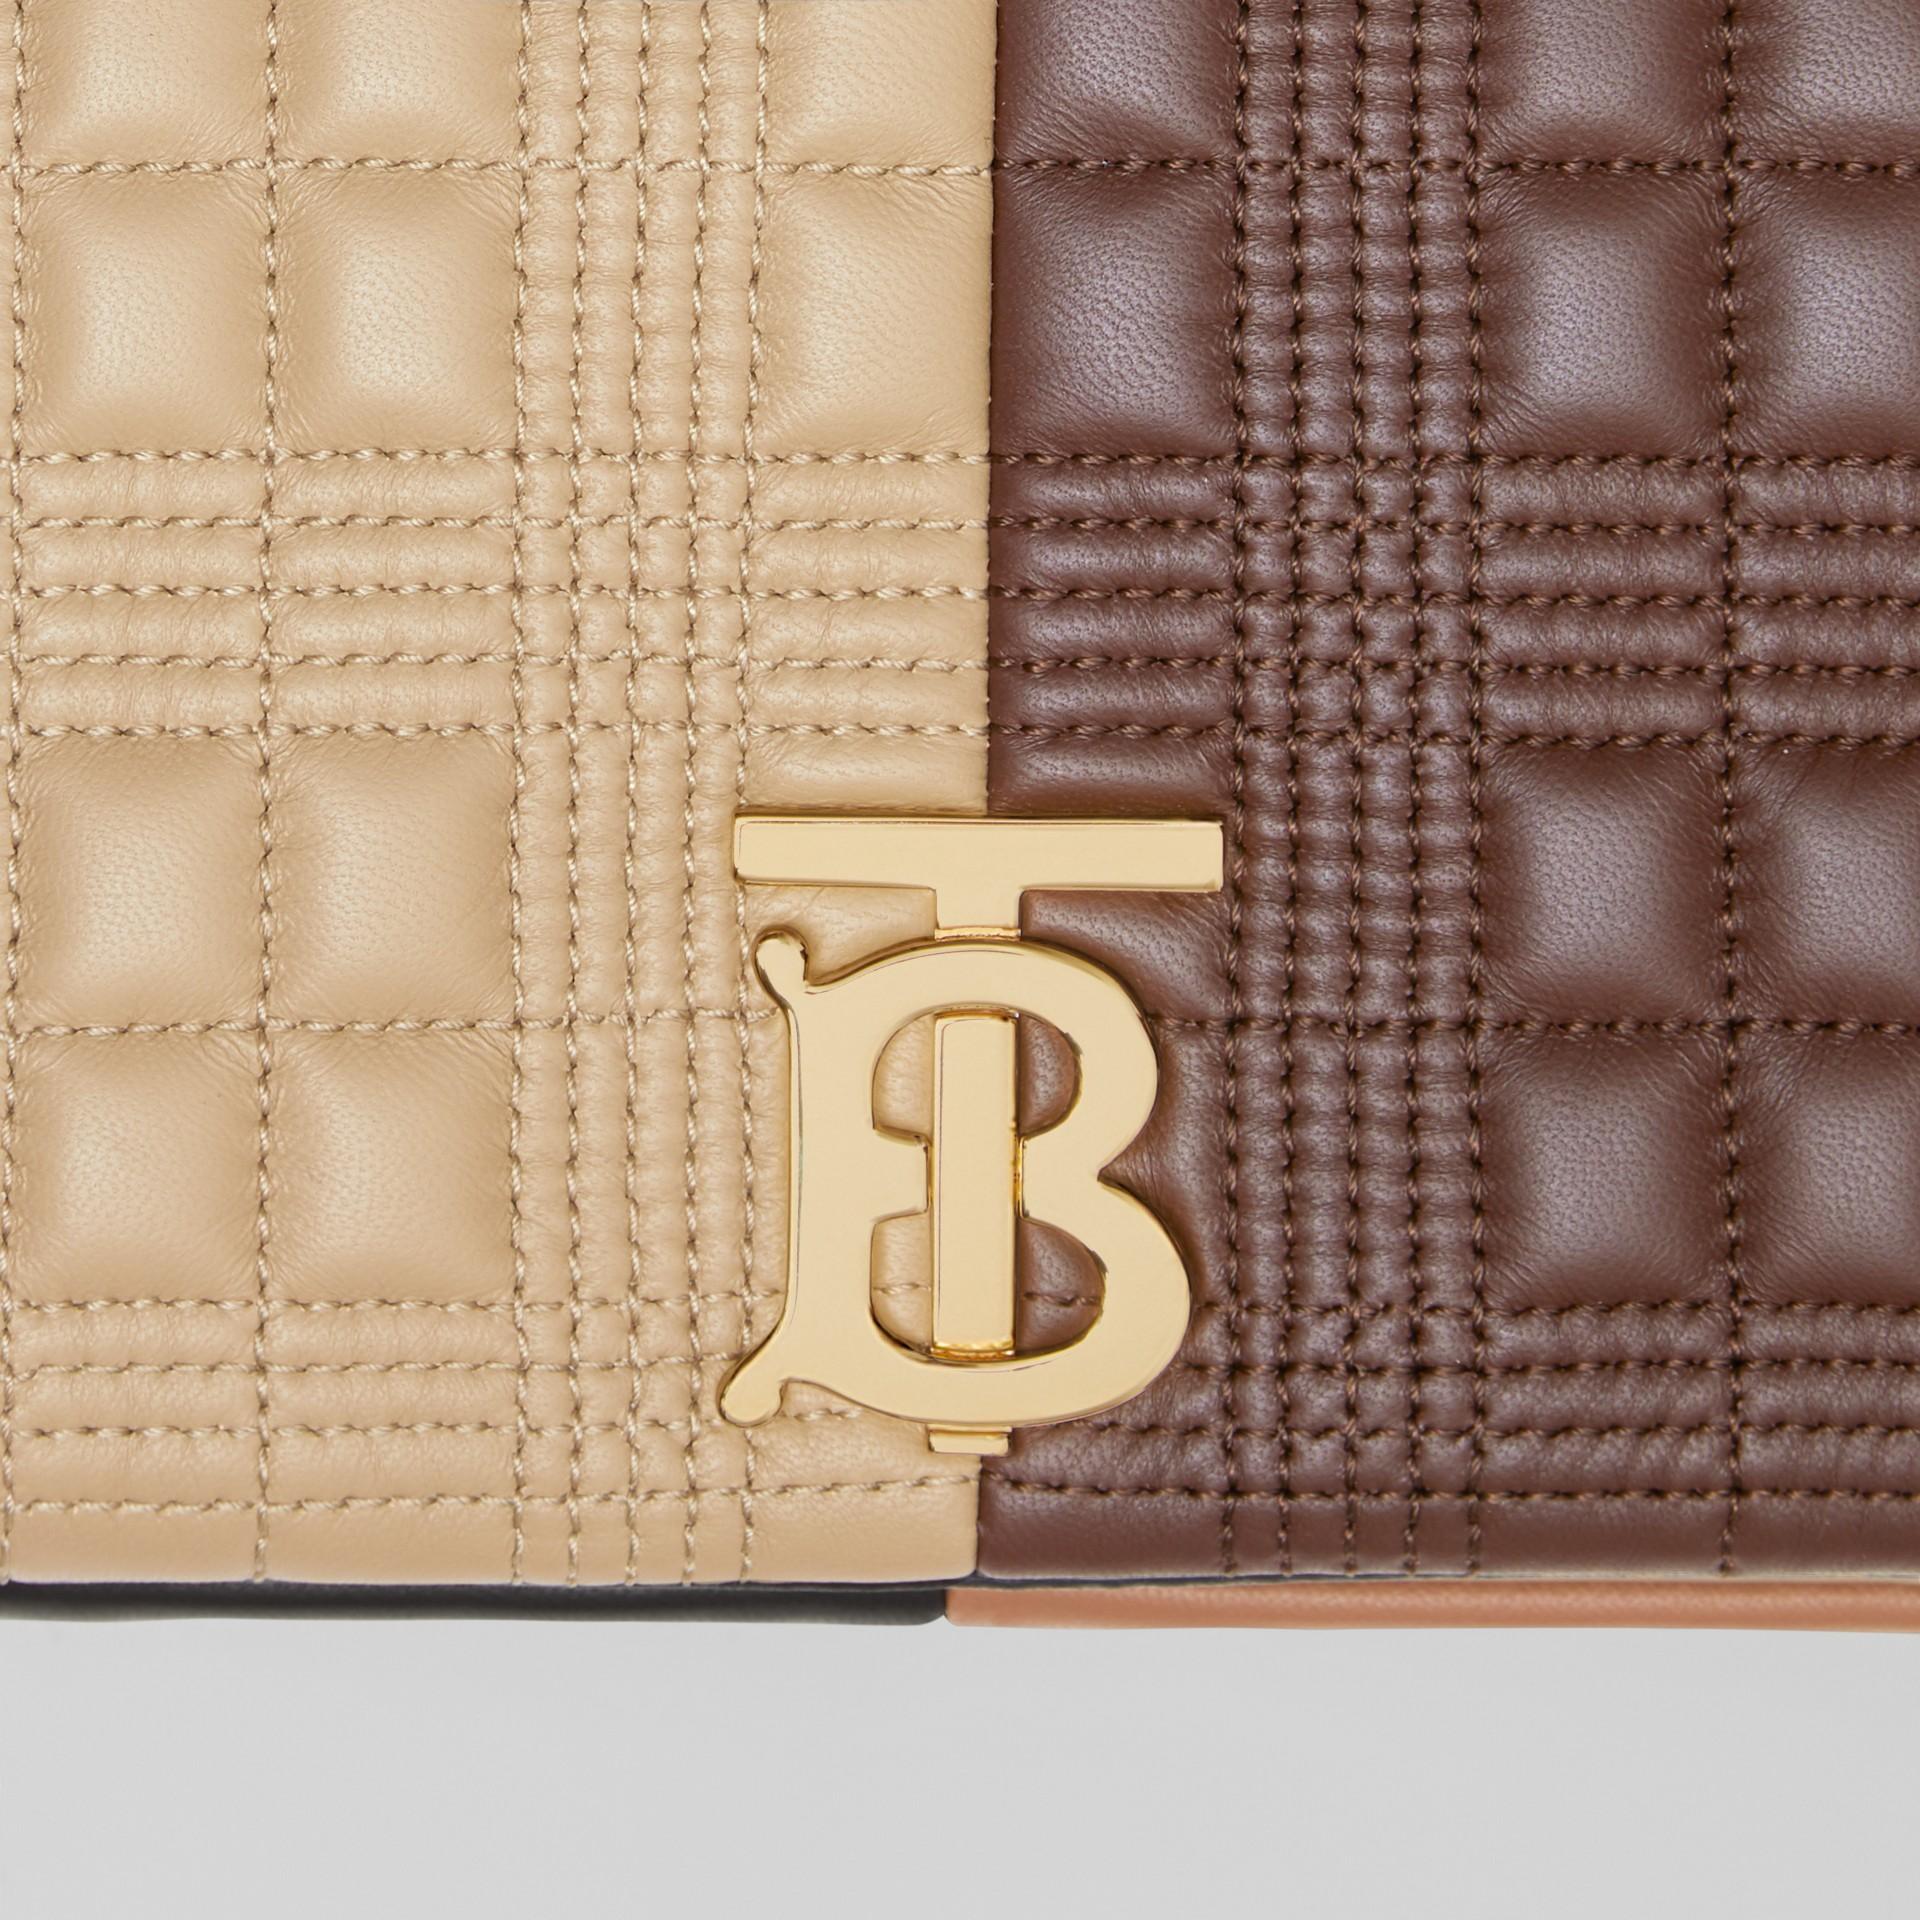 Bolsa Lola de couro de cordeiro em colour block - Pequena (Fulvo Suave/mocha Escuro) - Mulheres | Burberry - galeria de imagens 1